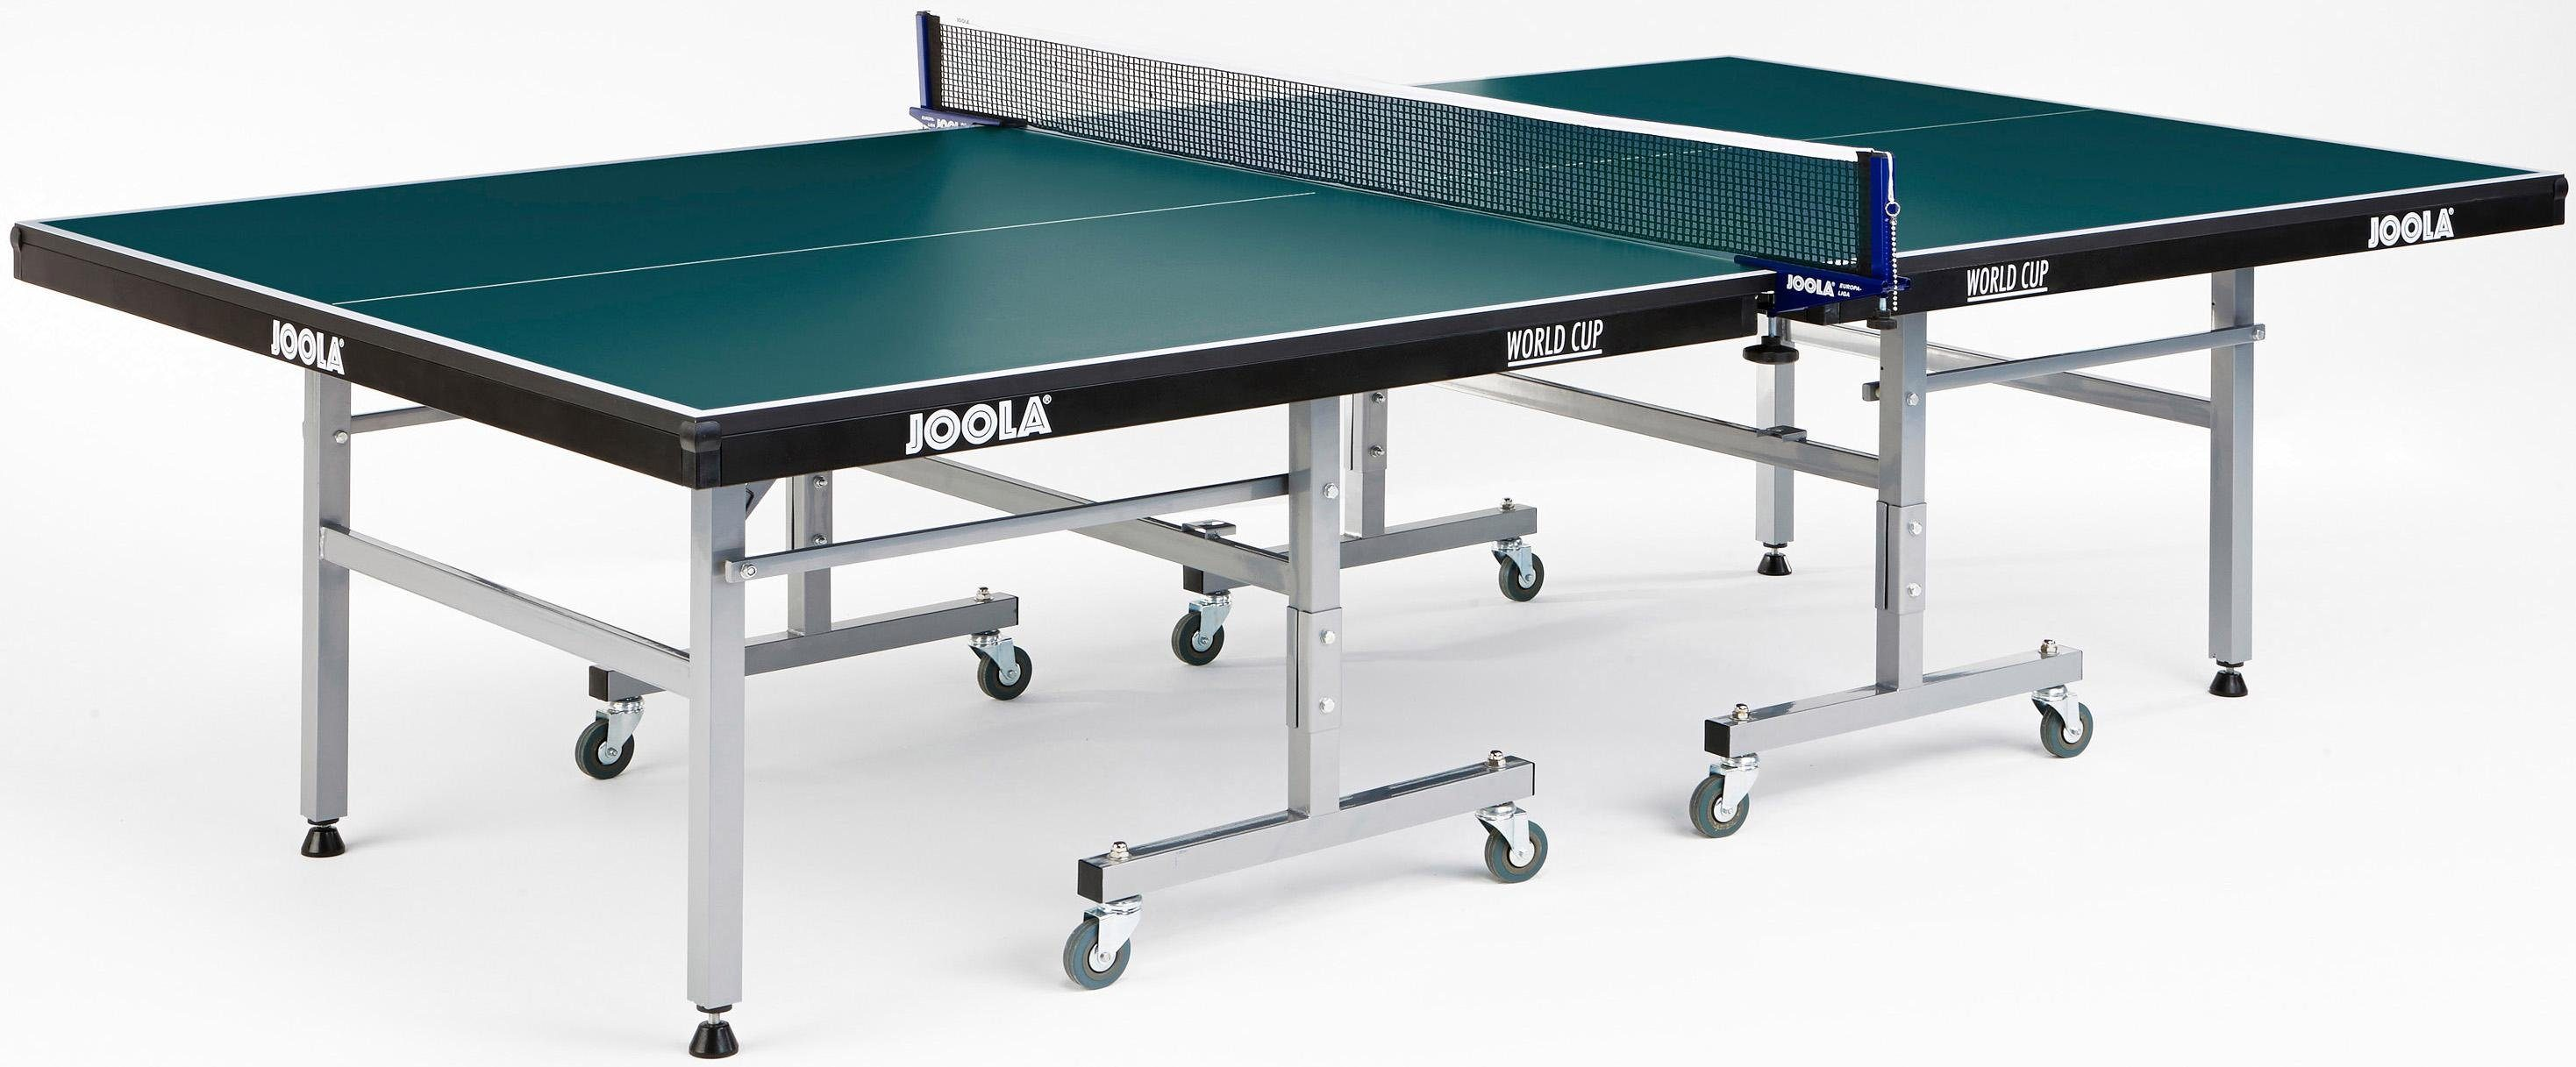 Joola Tischtennisplatte JOOLA Indoor-Tischtennisplatte World Cup Technik & Freizeit/Sport & Freizeit/Sportarten/Tischtennis/Tischtennis-Ausrüstung